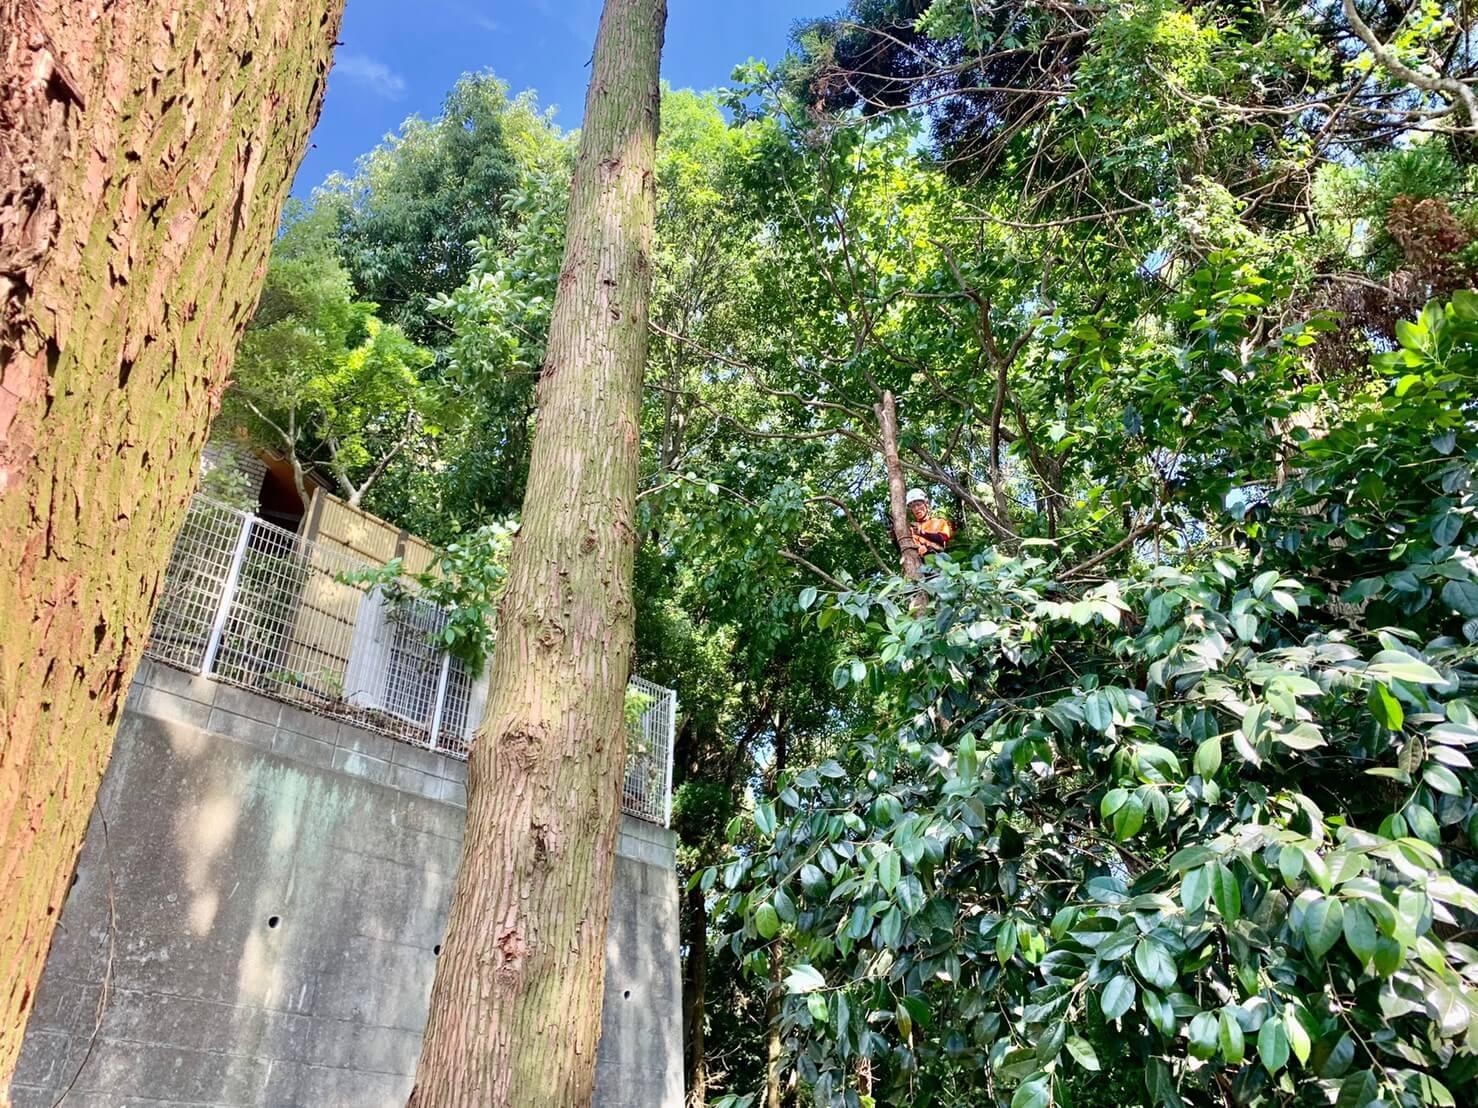 住宅側へ偏心した杉の木を伐採するスタッフ郡。